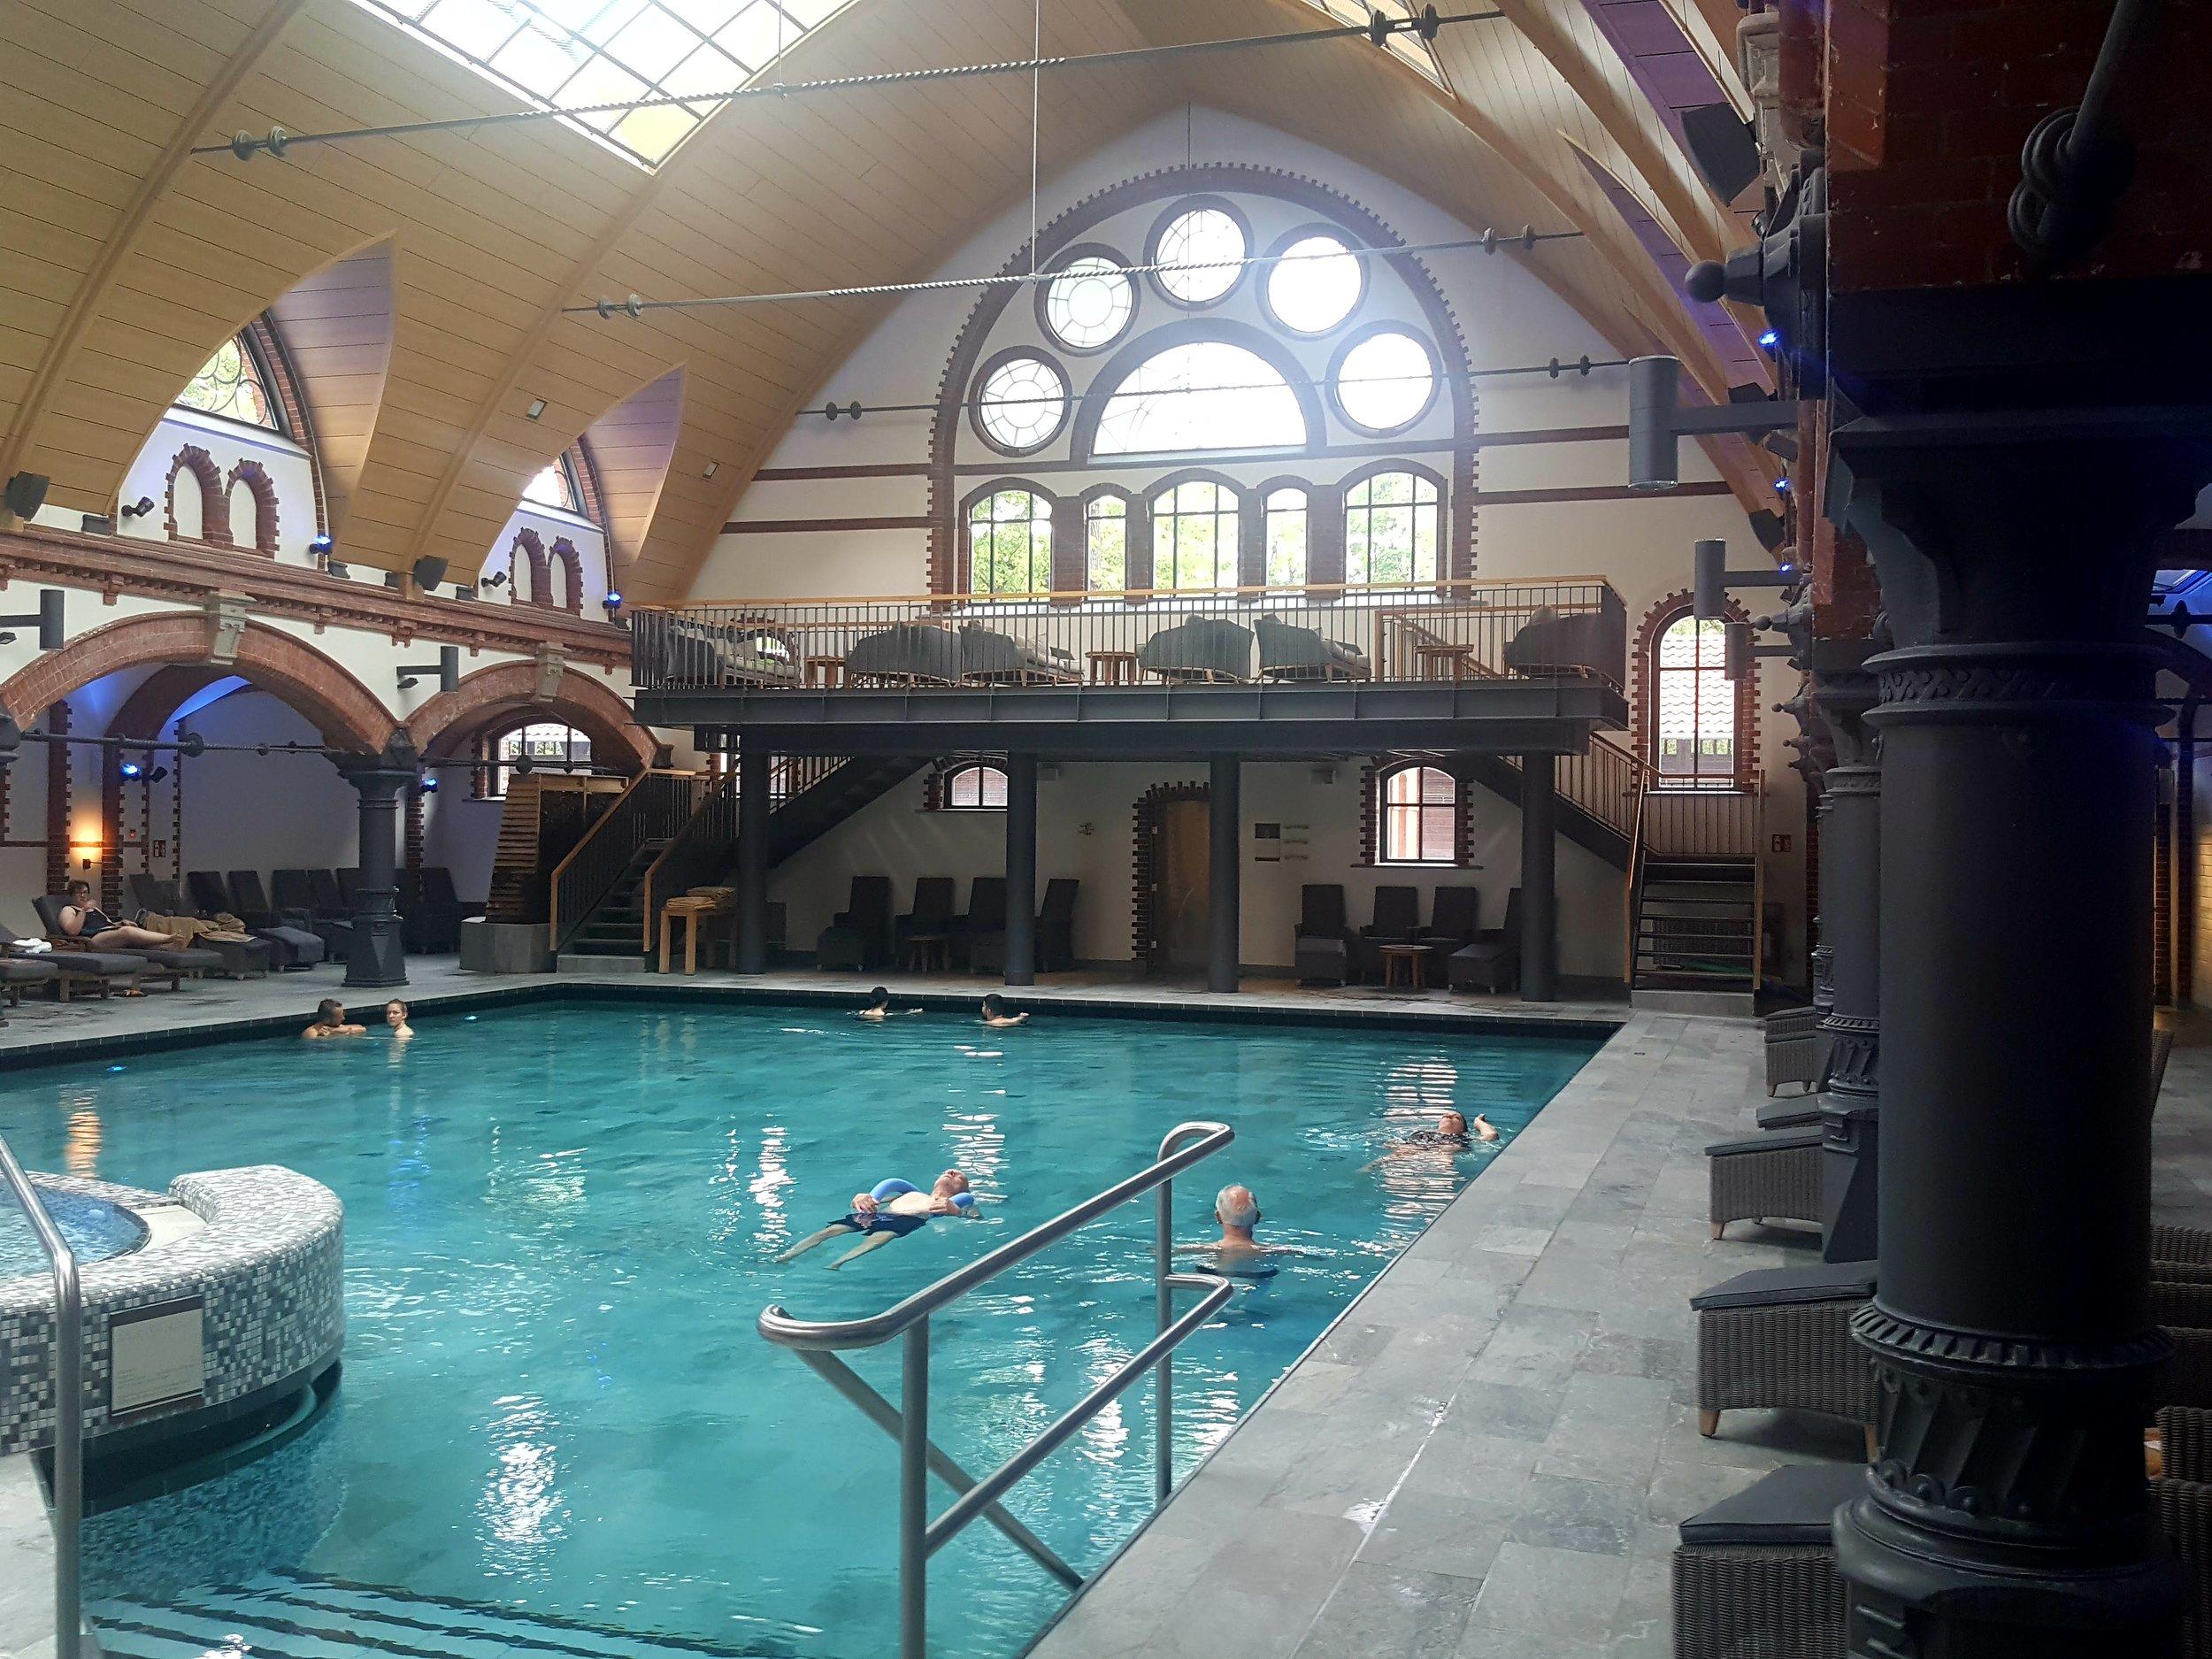 Kaifu Bad. Det uhyre smukt restaurerede kurbad midt i Hamburg er en offentlig facilitet, som er en af 26 svømmeanlæg i Hamburg under det kommunalt ejede driftsselskab Bäderland.  Foto: Henrik H. Brandt